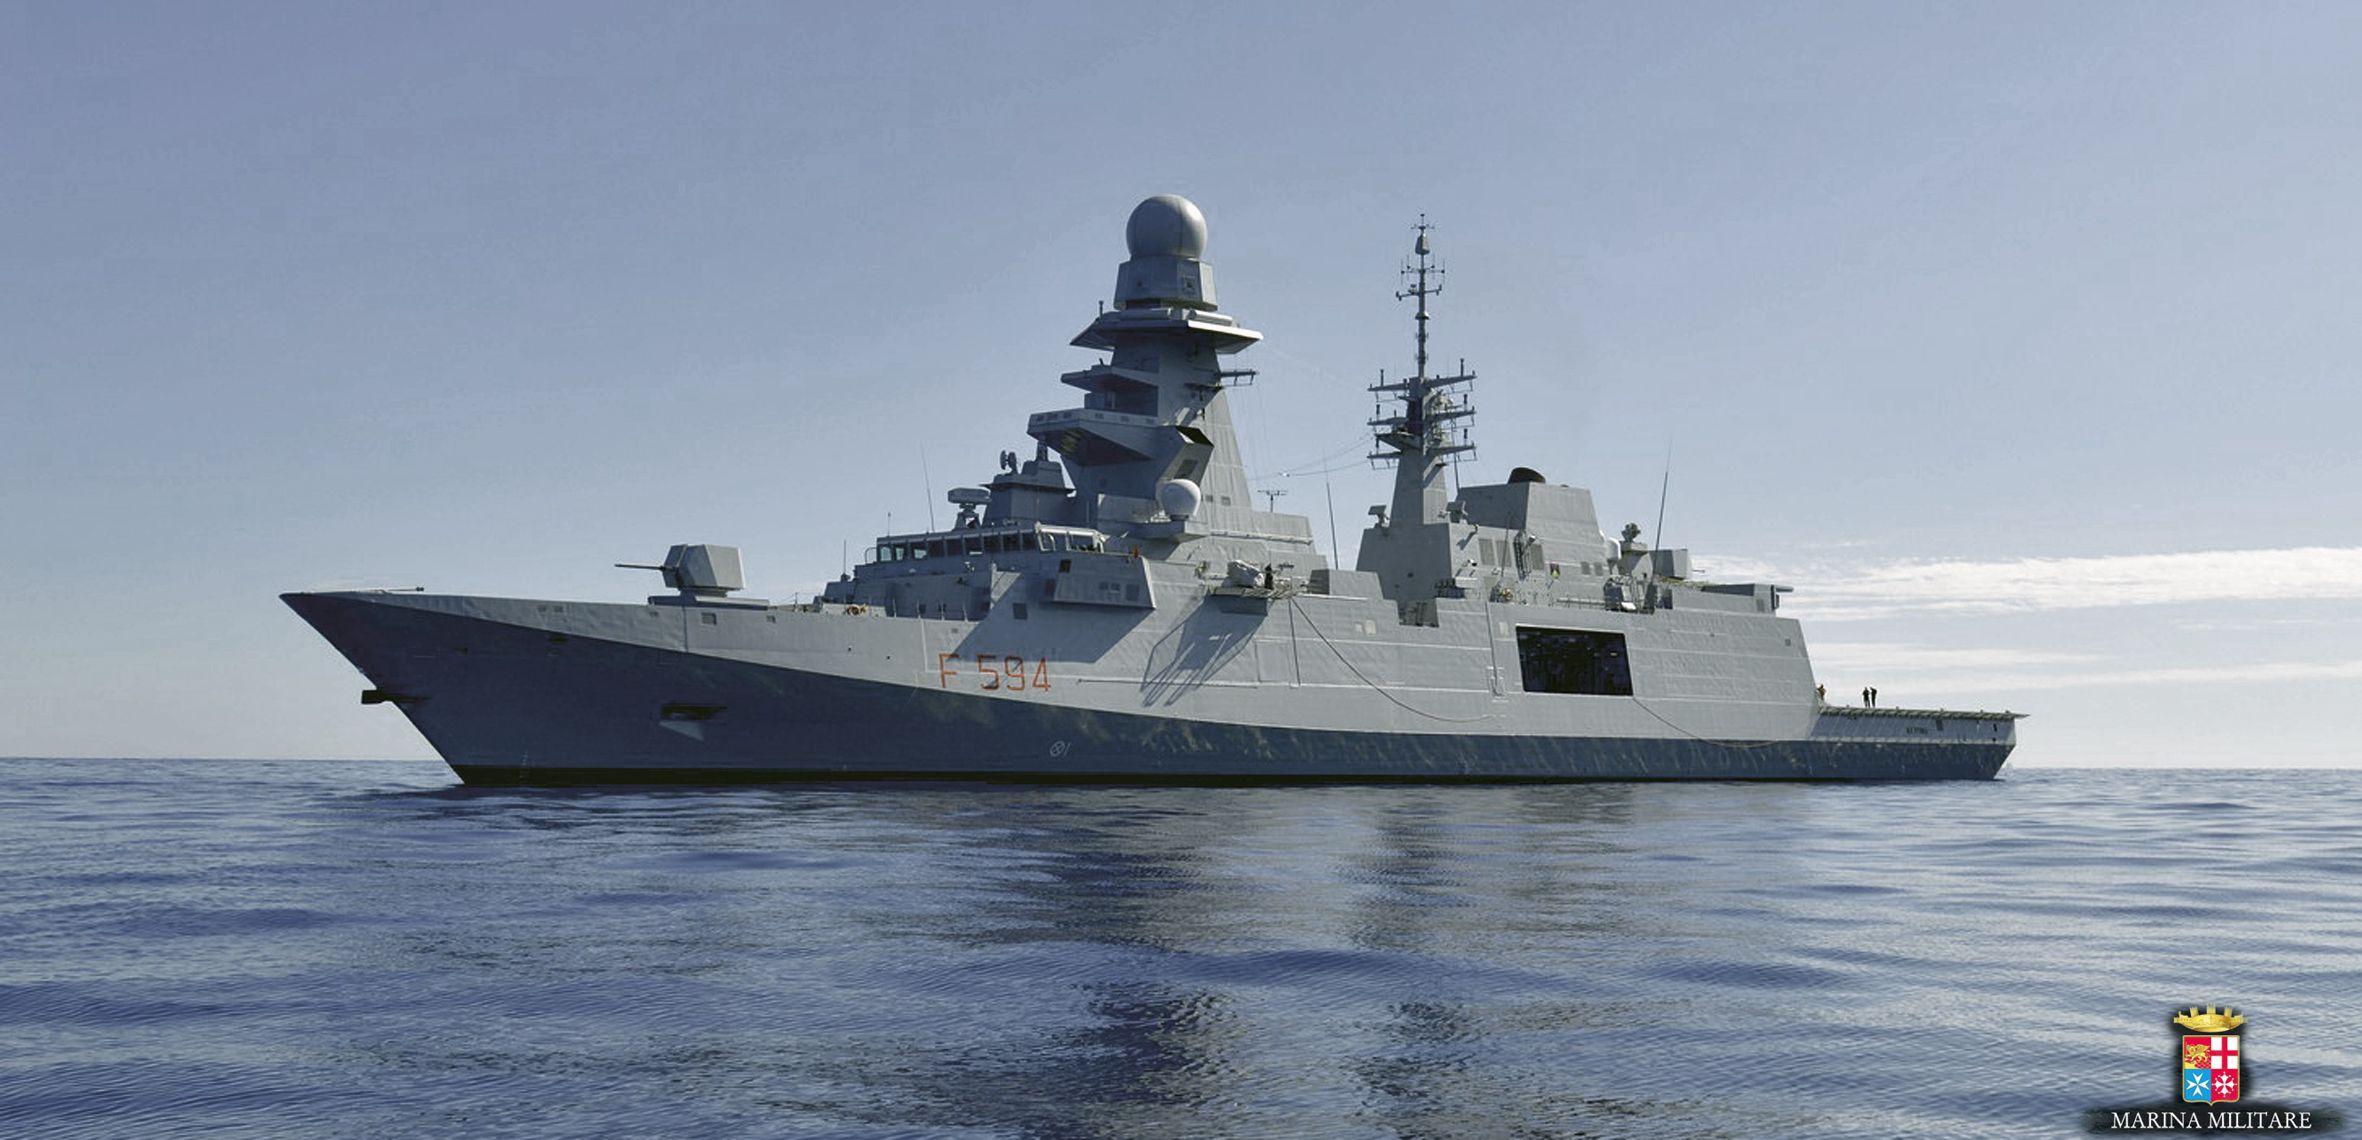 FREMM multipurpose frigate of Italian navy